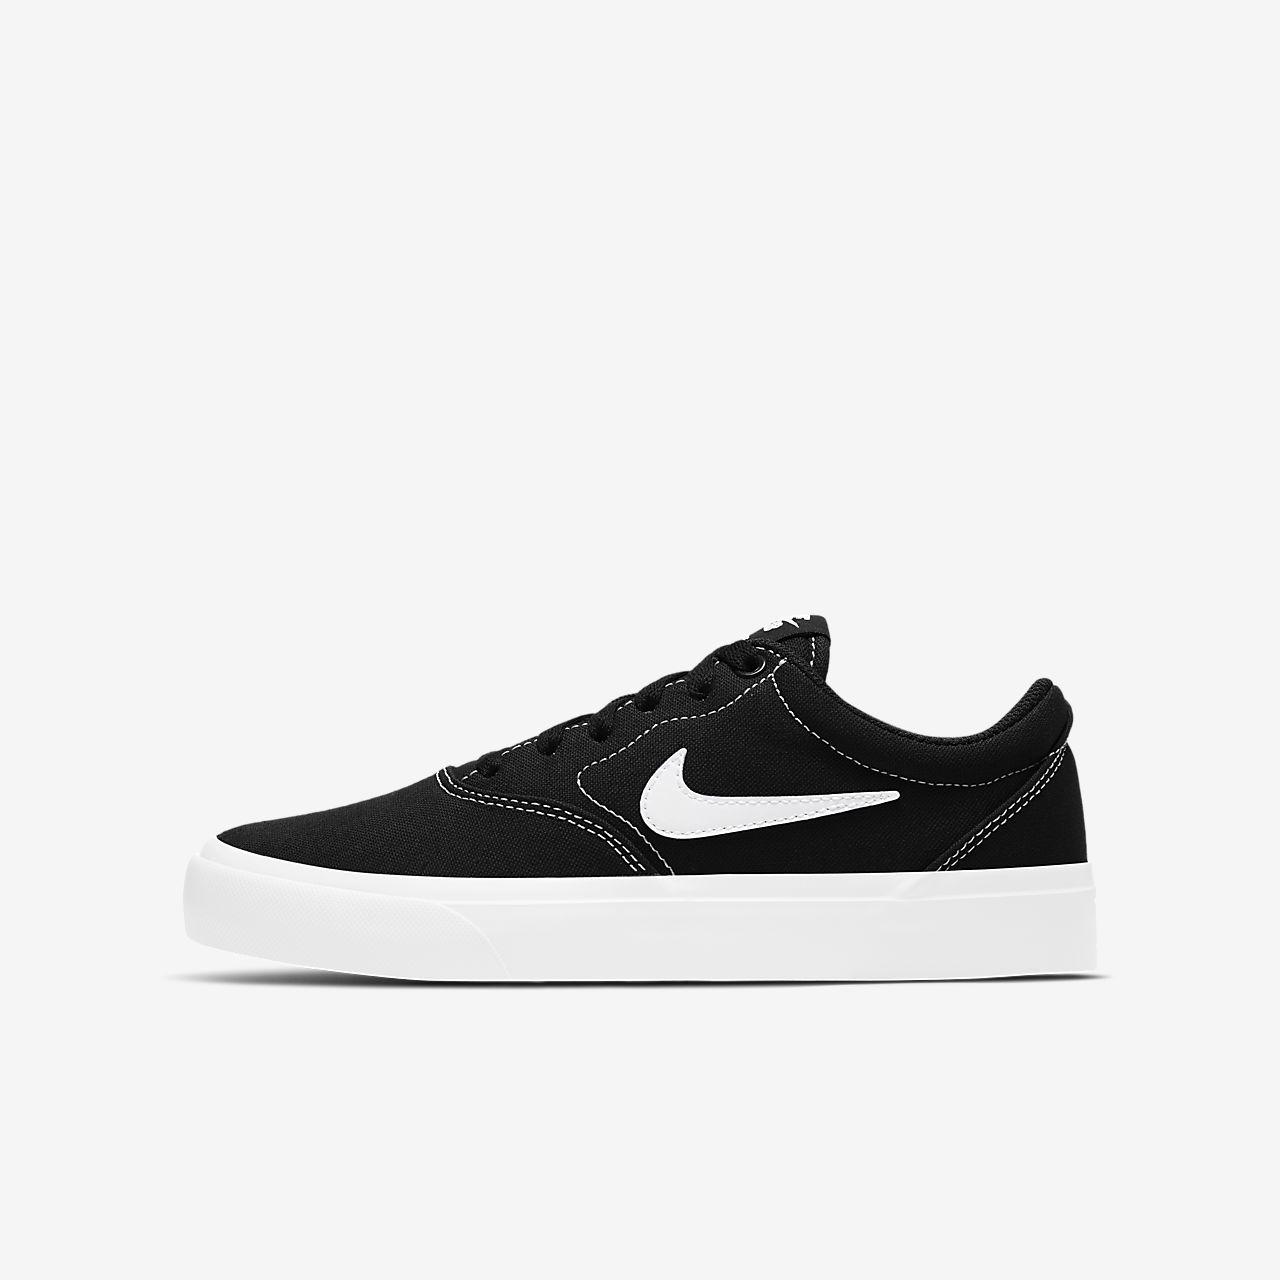 Buty do skateboardingu dla dużych dzieci Nike SB Charge Canvas